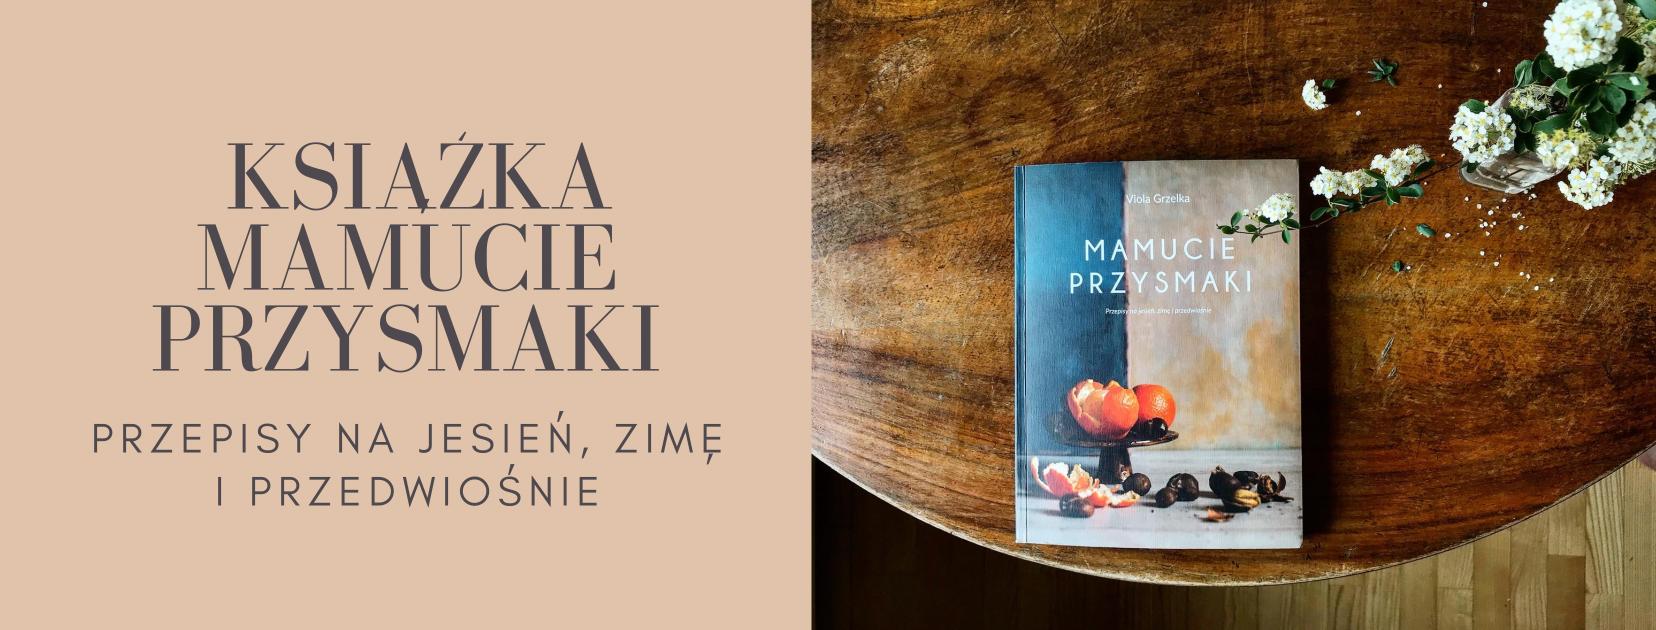 Książka kulinarno-artystyczna Mamucie Przysmaki to lrzepisy fotografie, obrazy i opowieści autorstwa Violi Grzelki